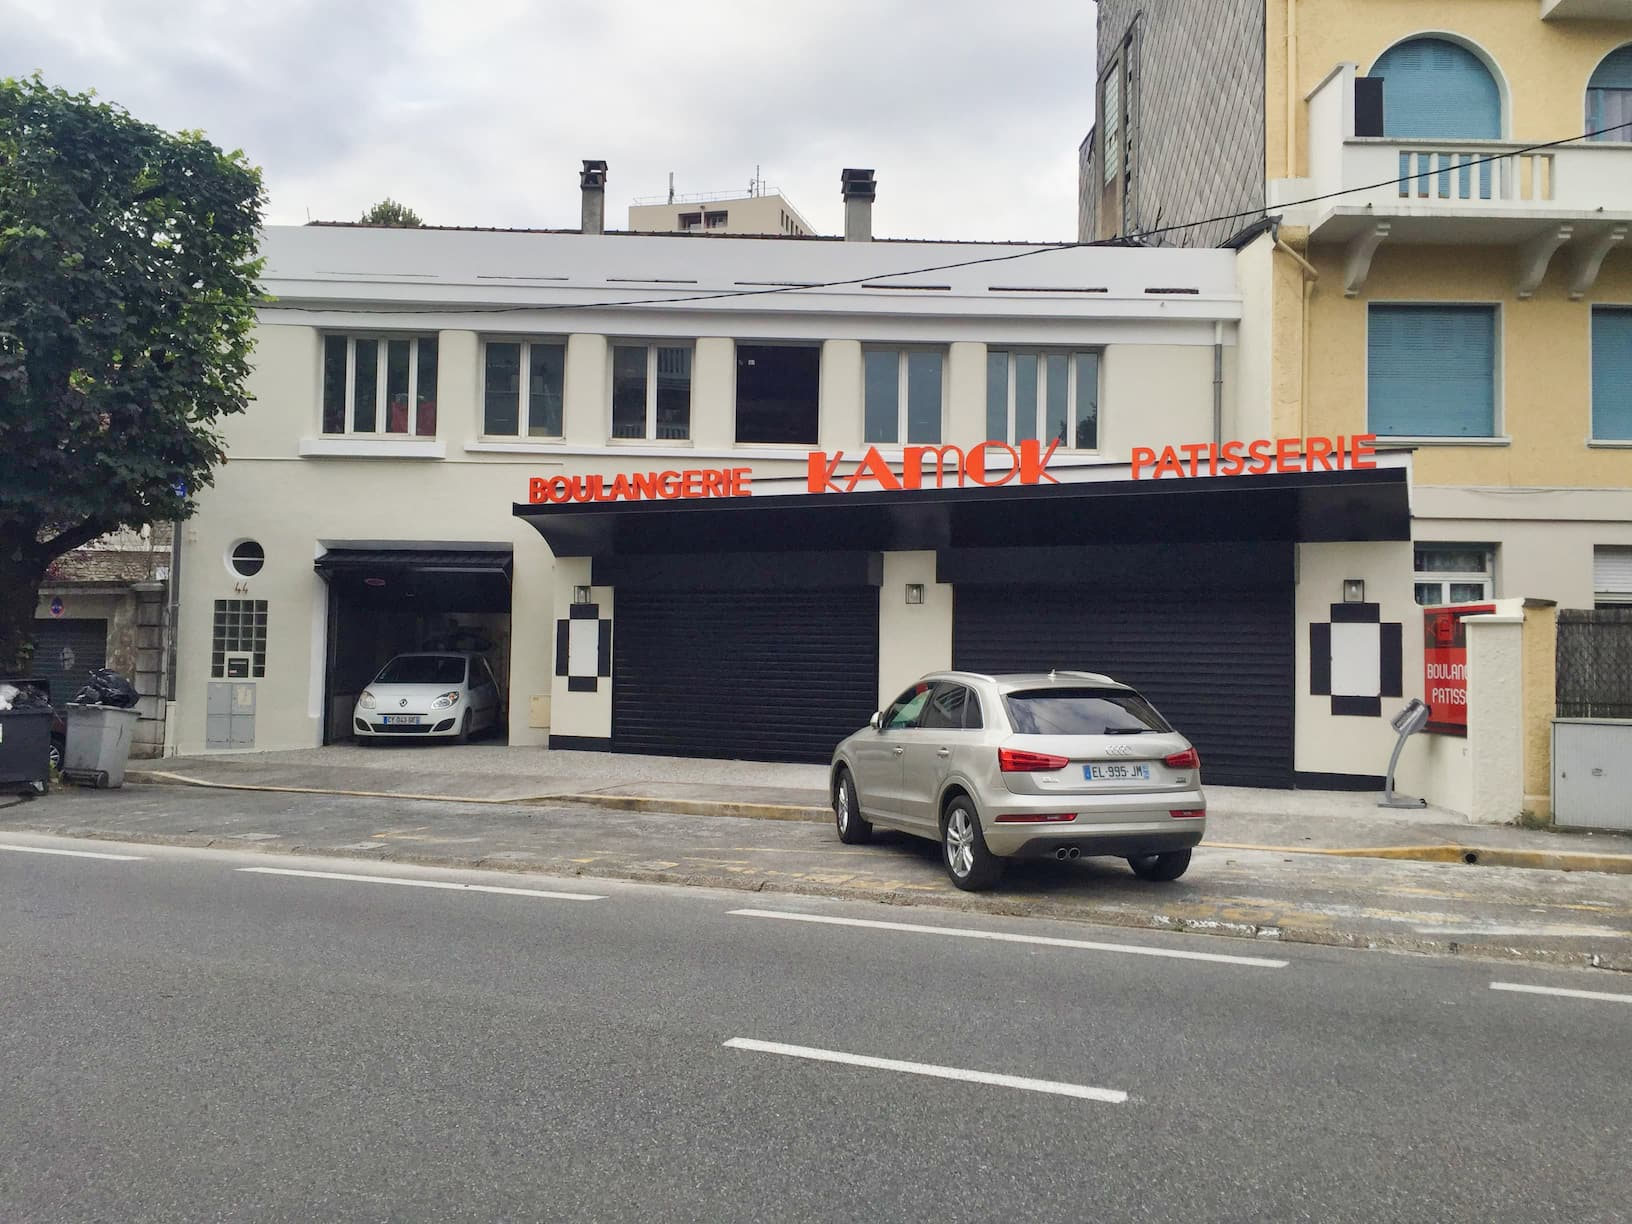 Boulangerie Kamok